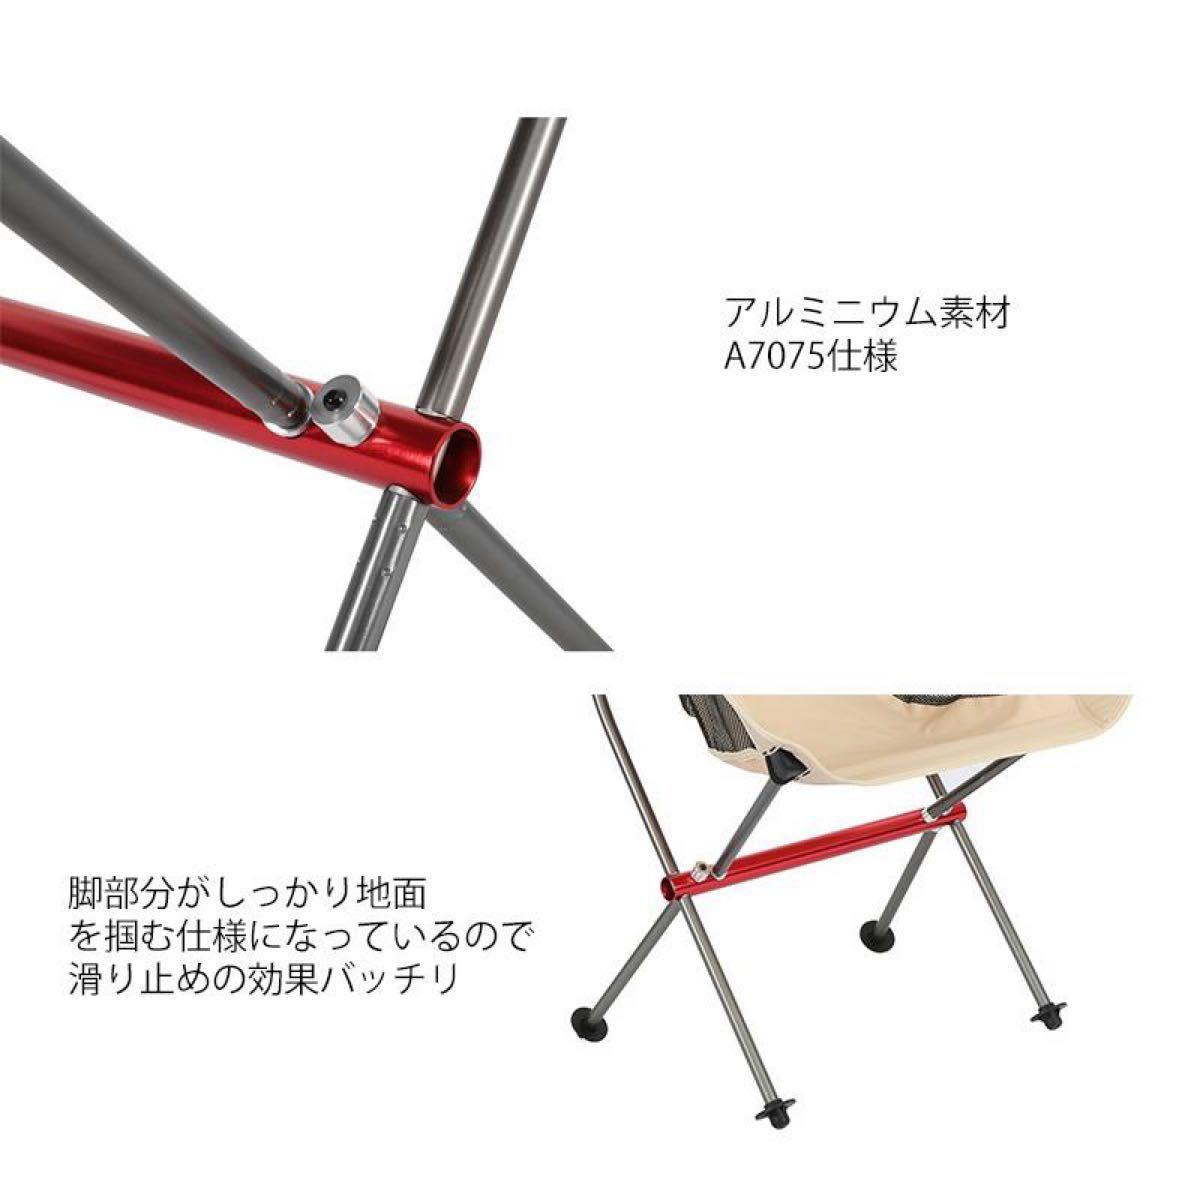 アウトドアチェア キャンプ椅子 キャンプ軽量 折りたたみ椅子 コンパクト アルミ